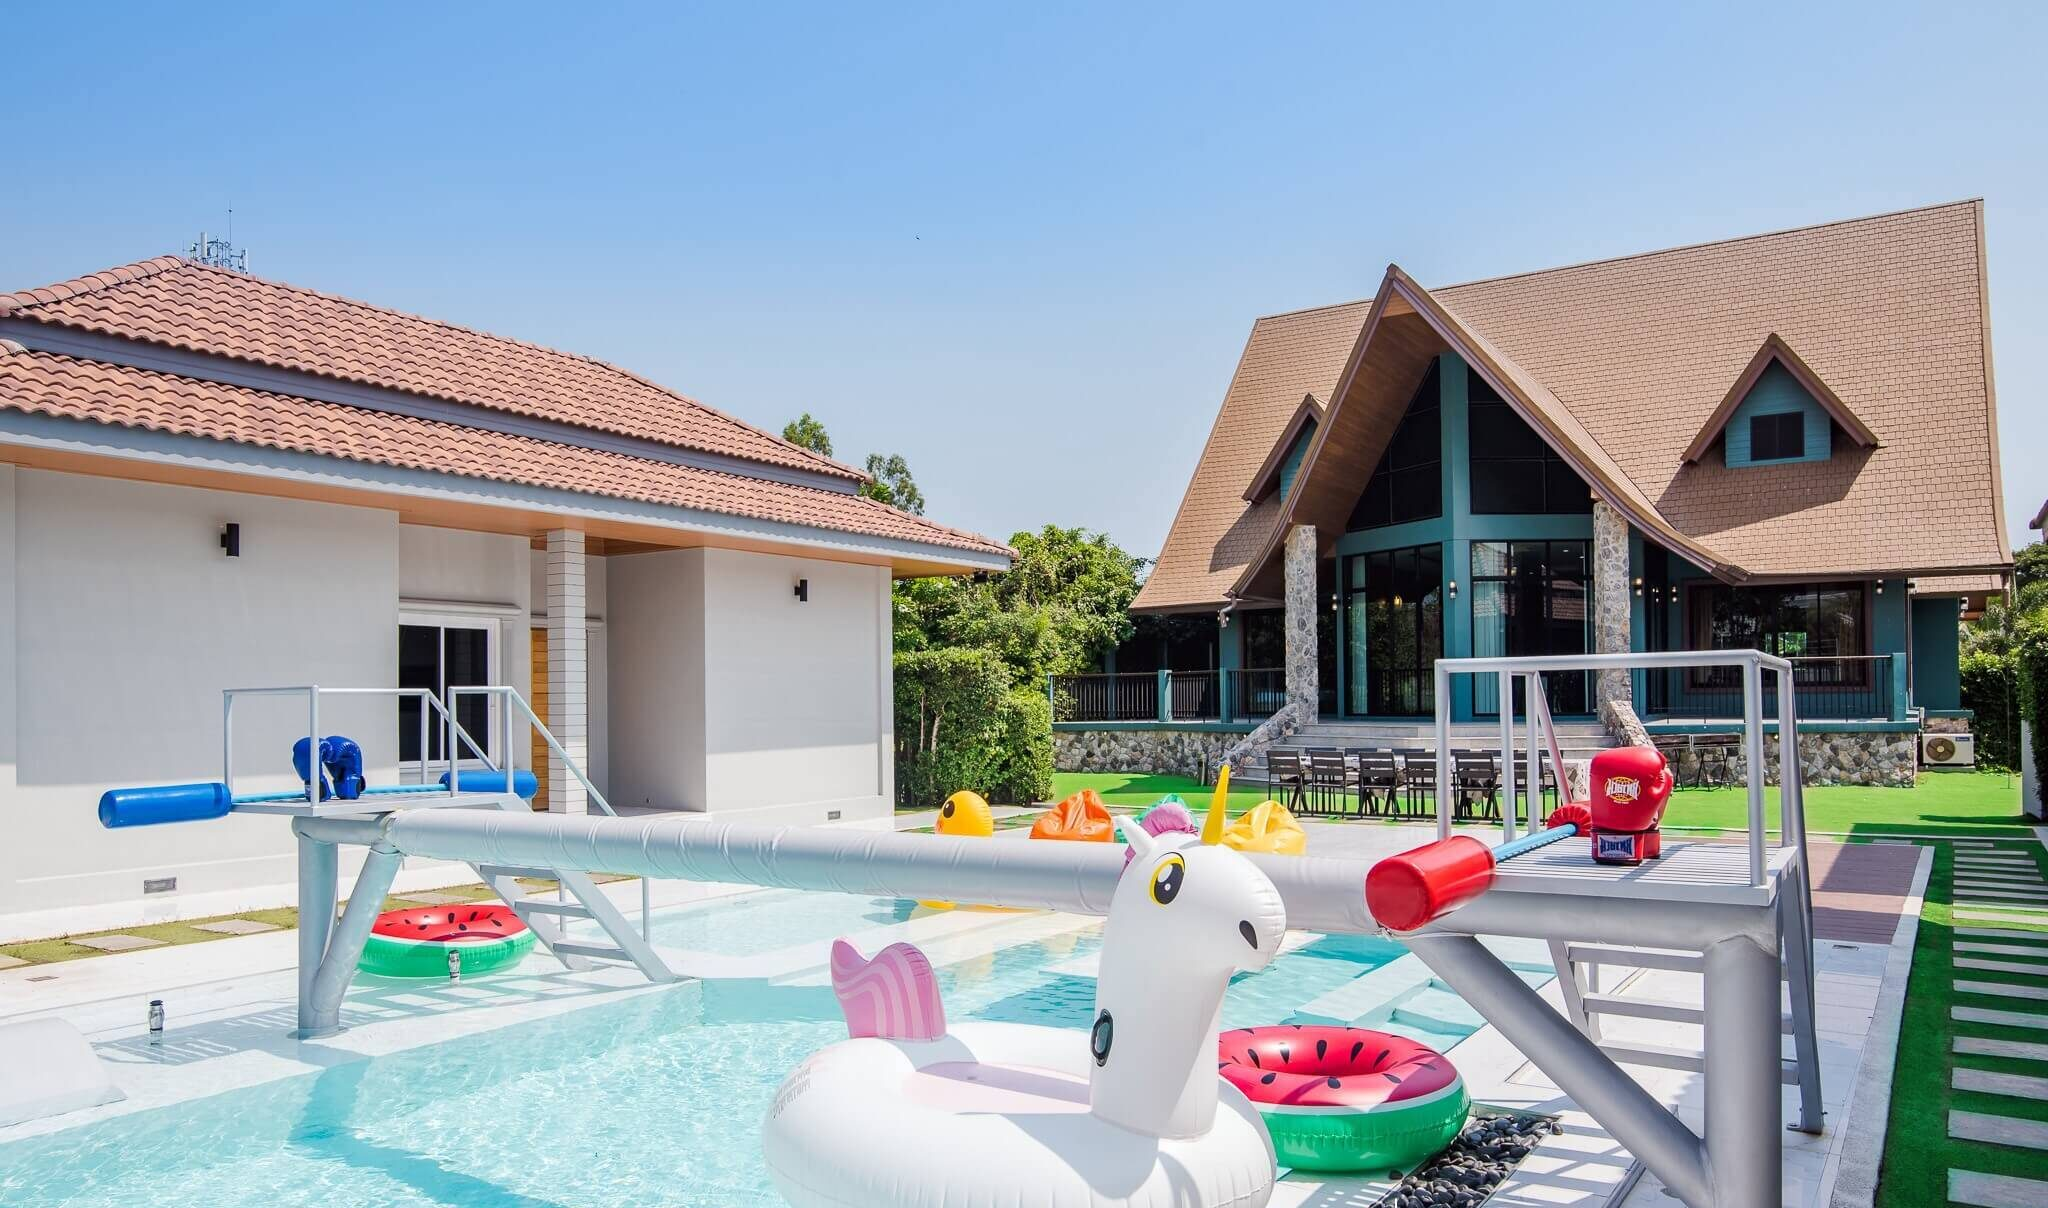 Sense 1 Pool villa